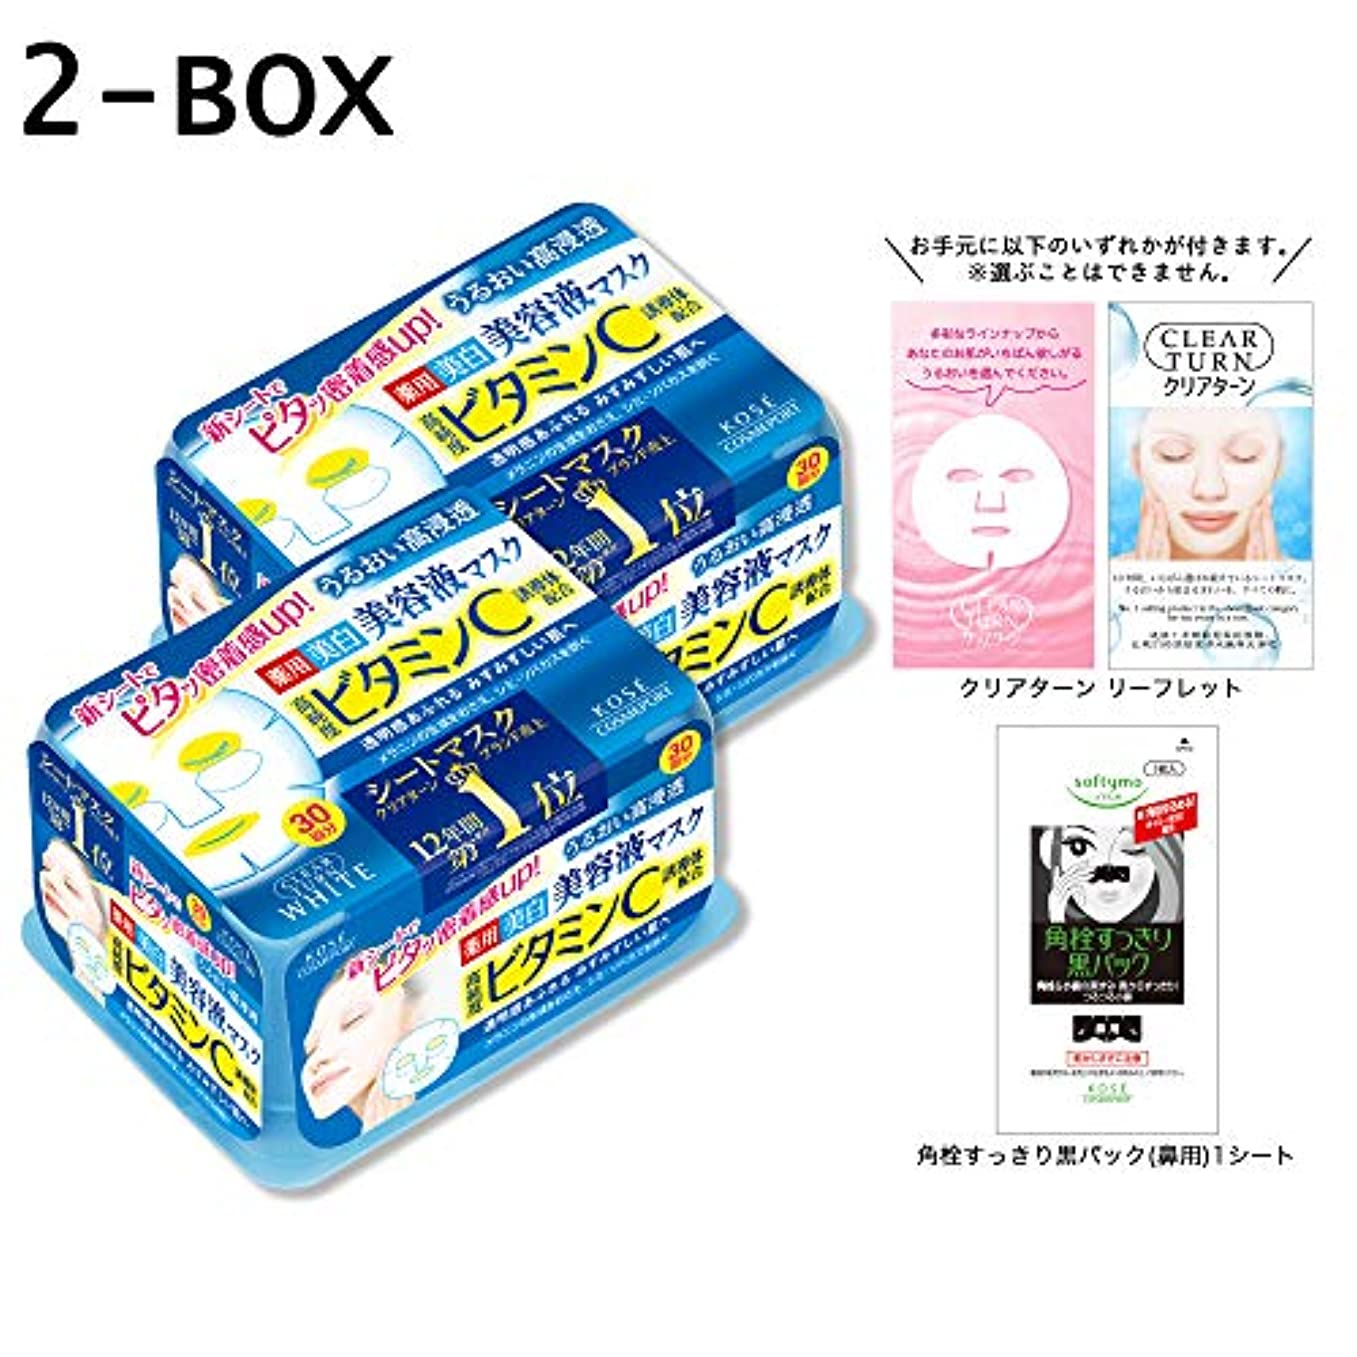 六着飾る遺棄された【Amazon.co.jp限定】KOSE クリアターン エッセンスマスク (ビタミンC) 30回 2P+おまけ フェイスマスク (医薬部外品)